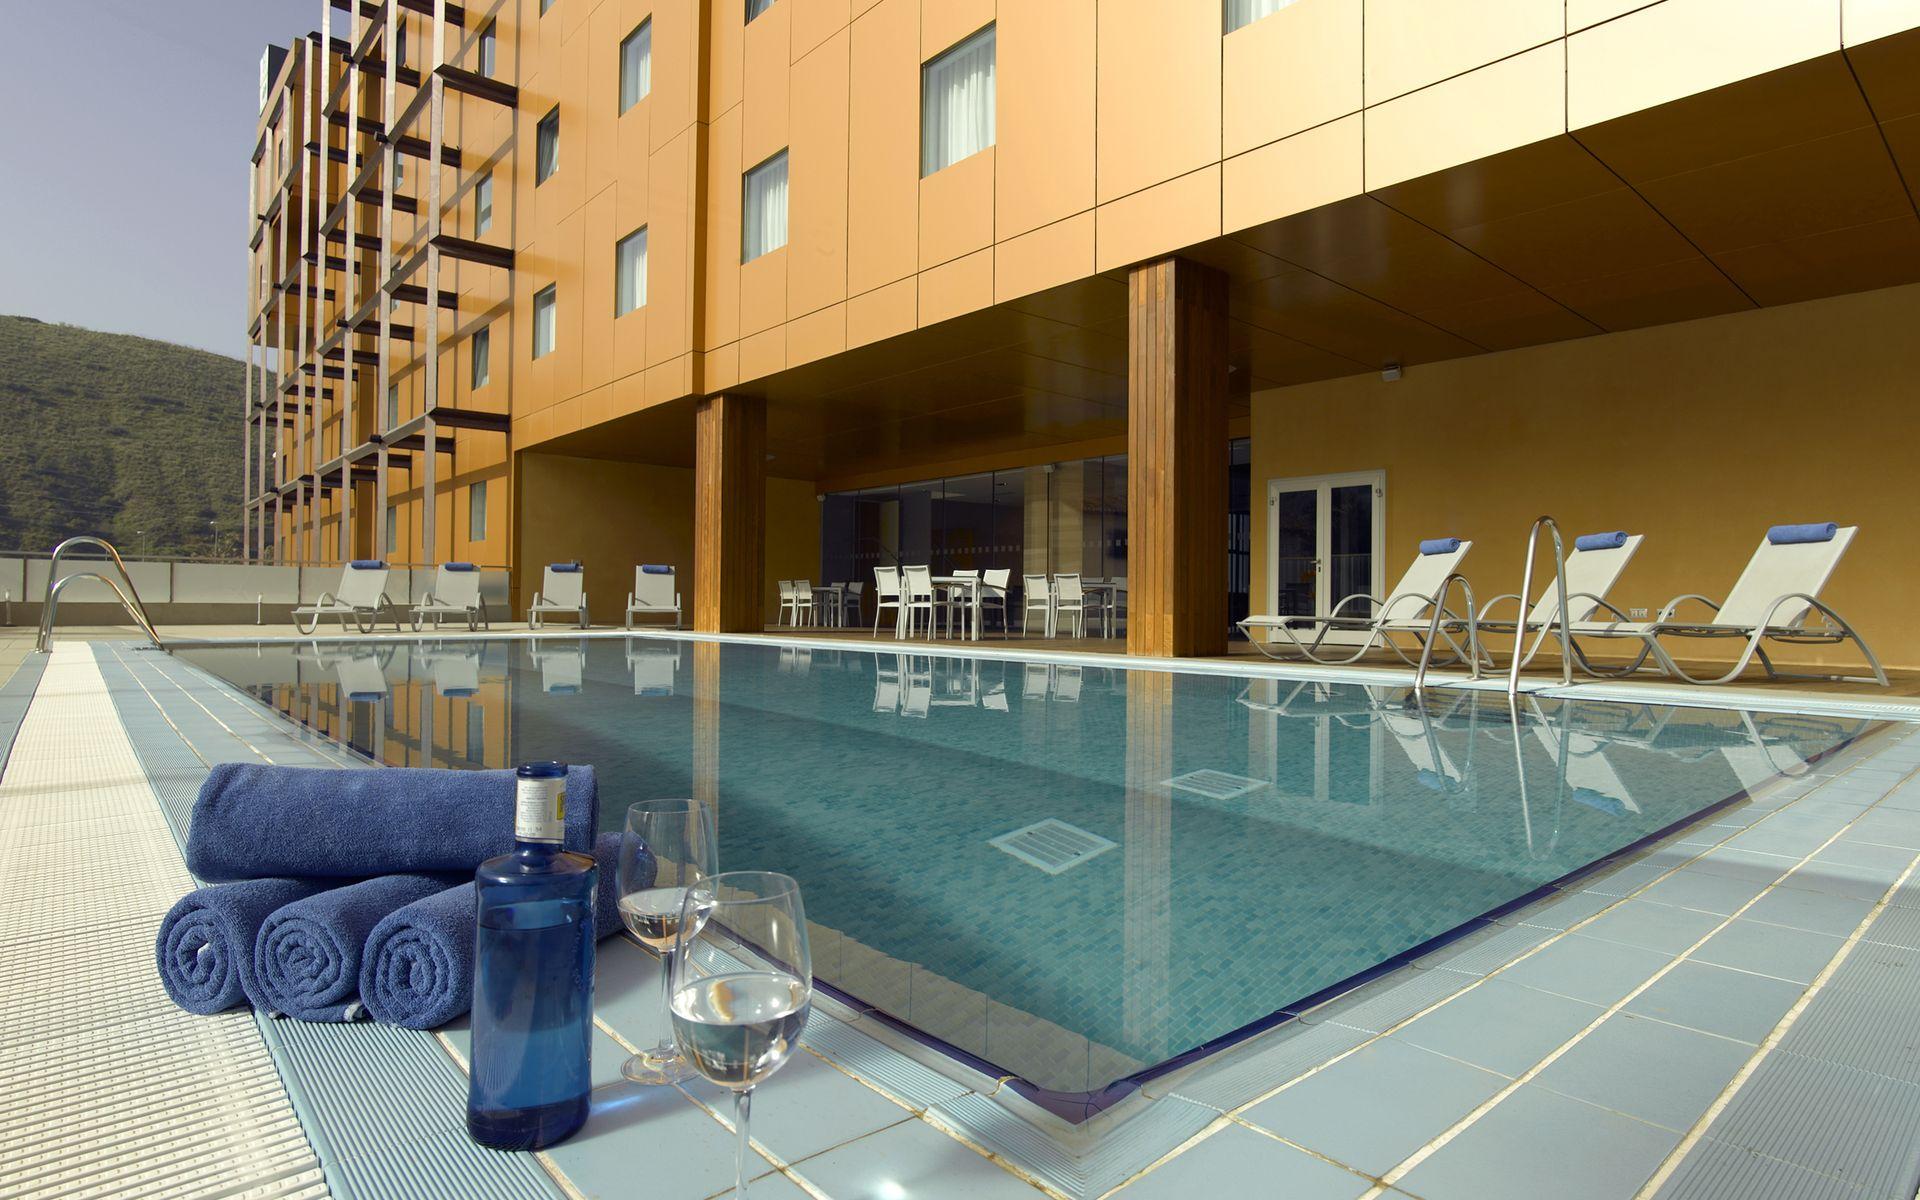 Hotel macia real de la alhambra granada logitravel for Piscina granada centro